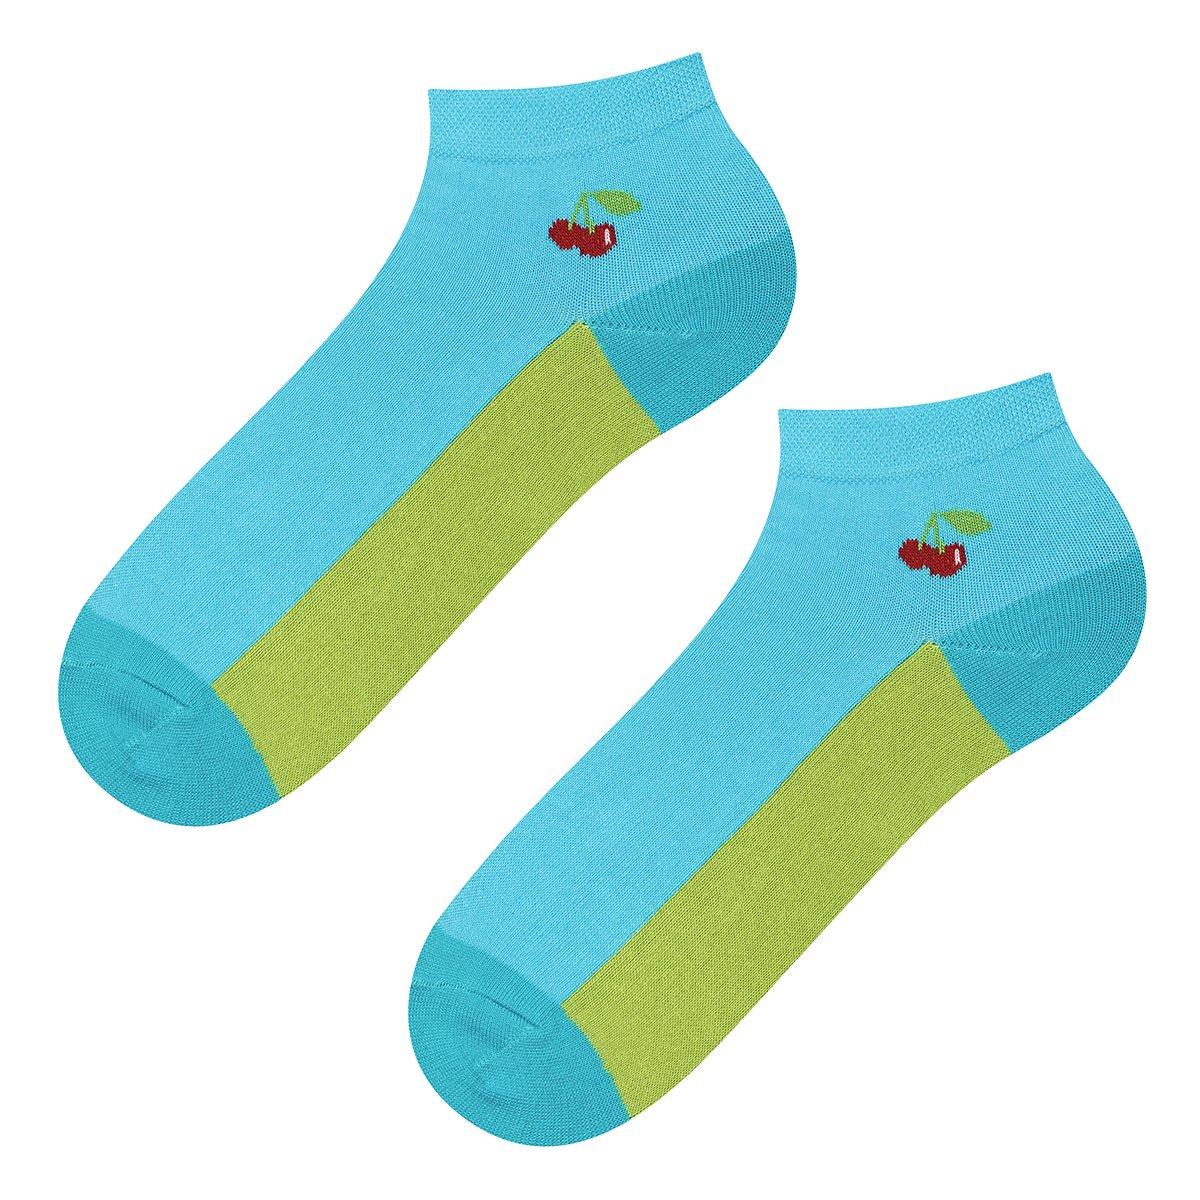 Outwet Socken Compression csocks Gr/ö/ße